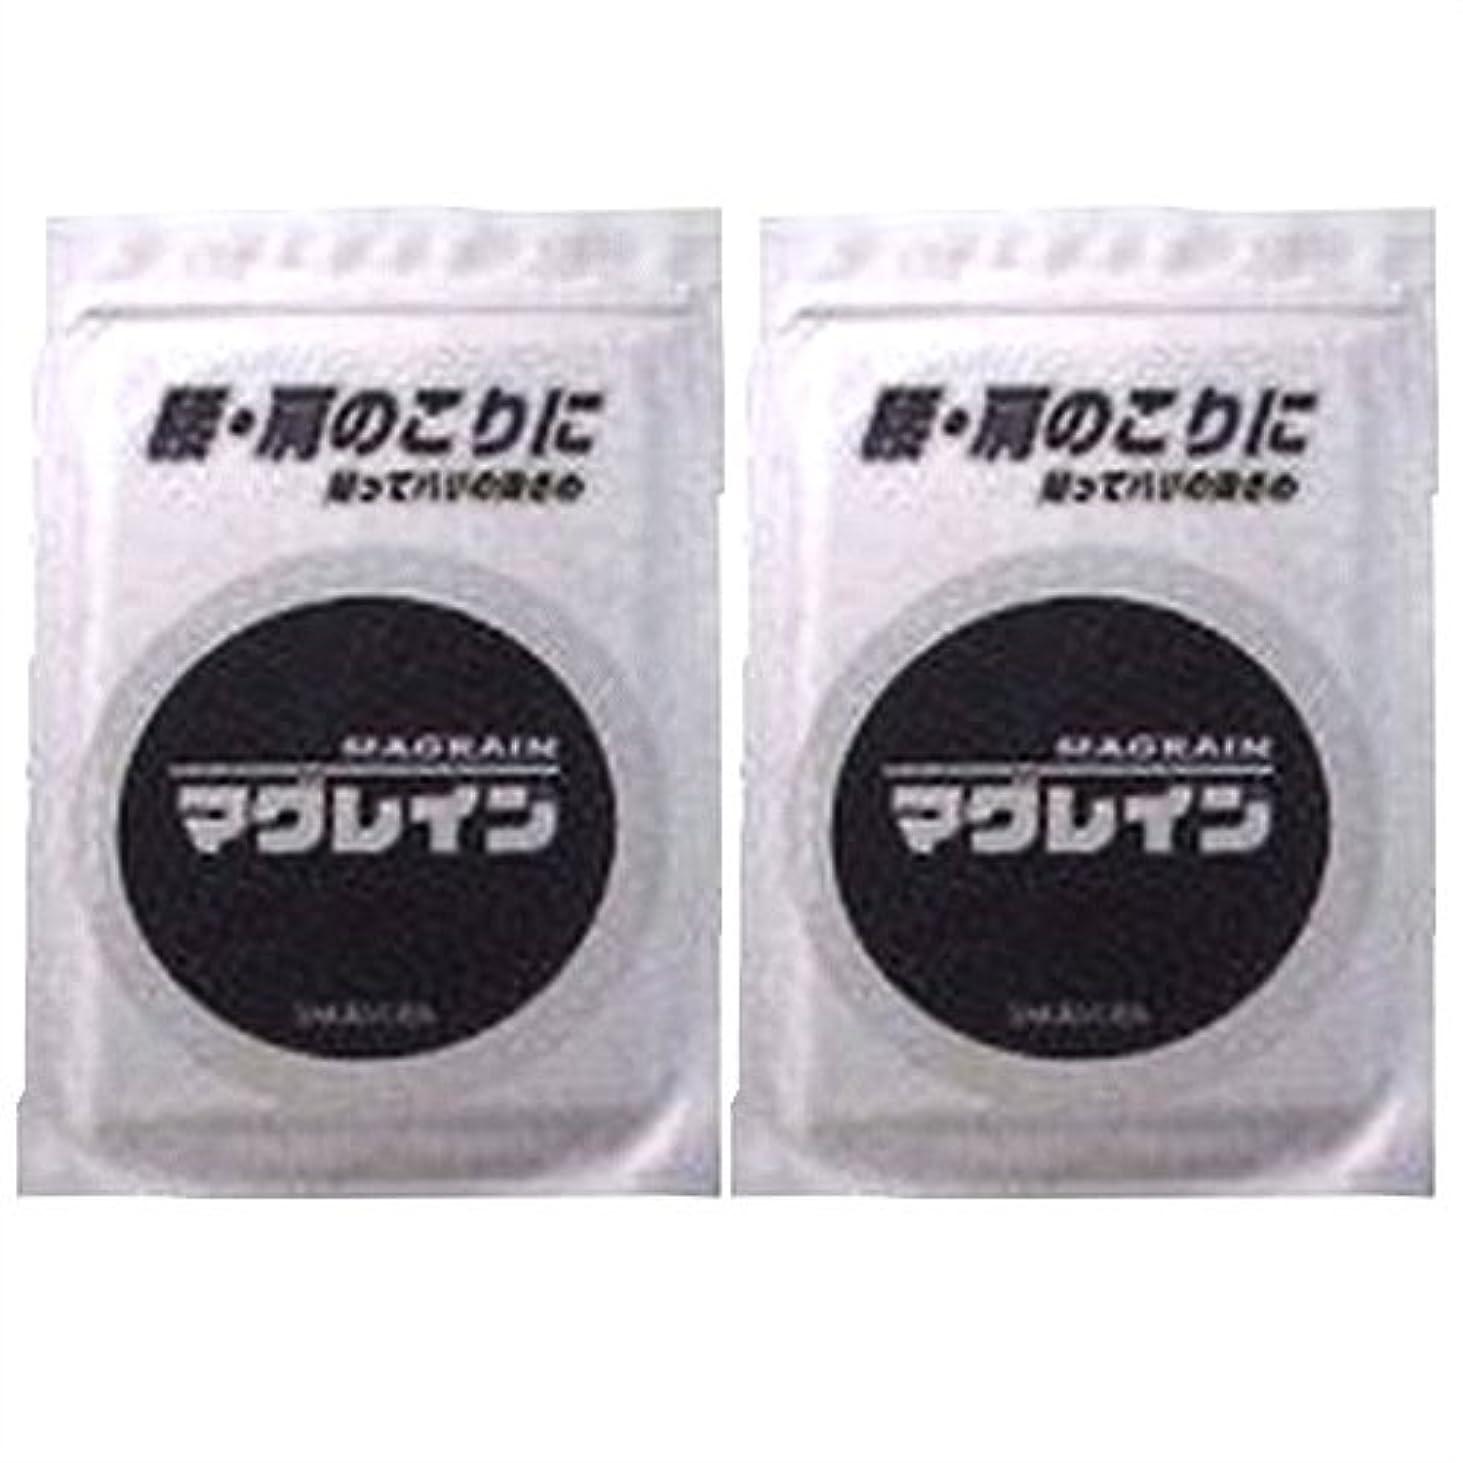 霧深いヘア凍るマグレイン チタン 200粒入 肌色テープ(I) ×2個 セット